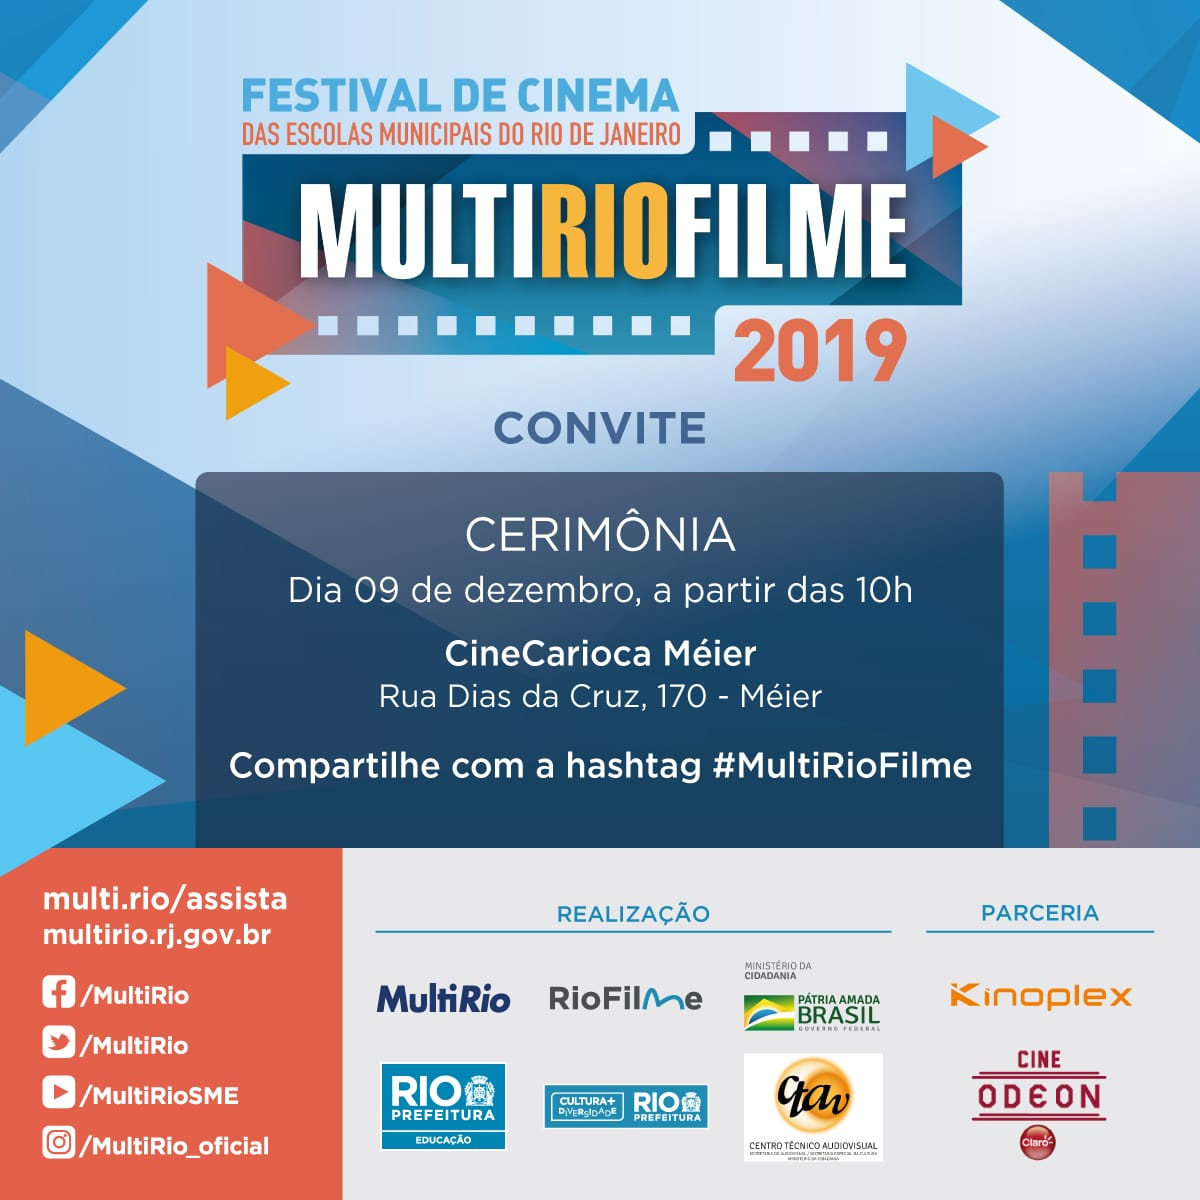 Teremos a premiação dos vencedores de cada categoria do Festival MultiRioFilme 2019 na segunda-feira. Não perca.  #Cultura #Educação #FestivaldeCinema #MultiRioFilme #Escolas #Premiação